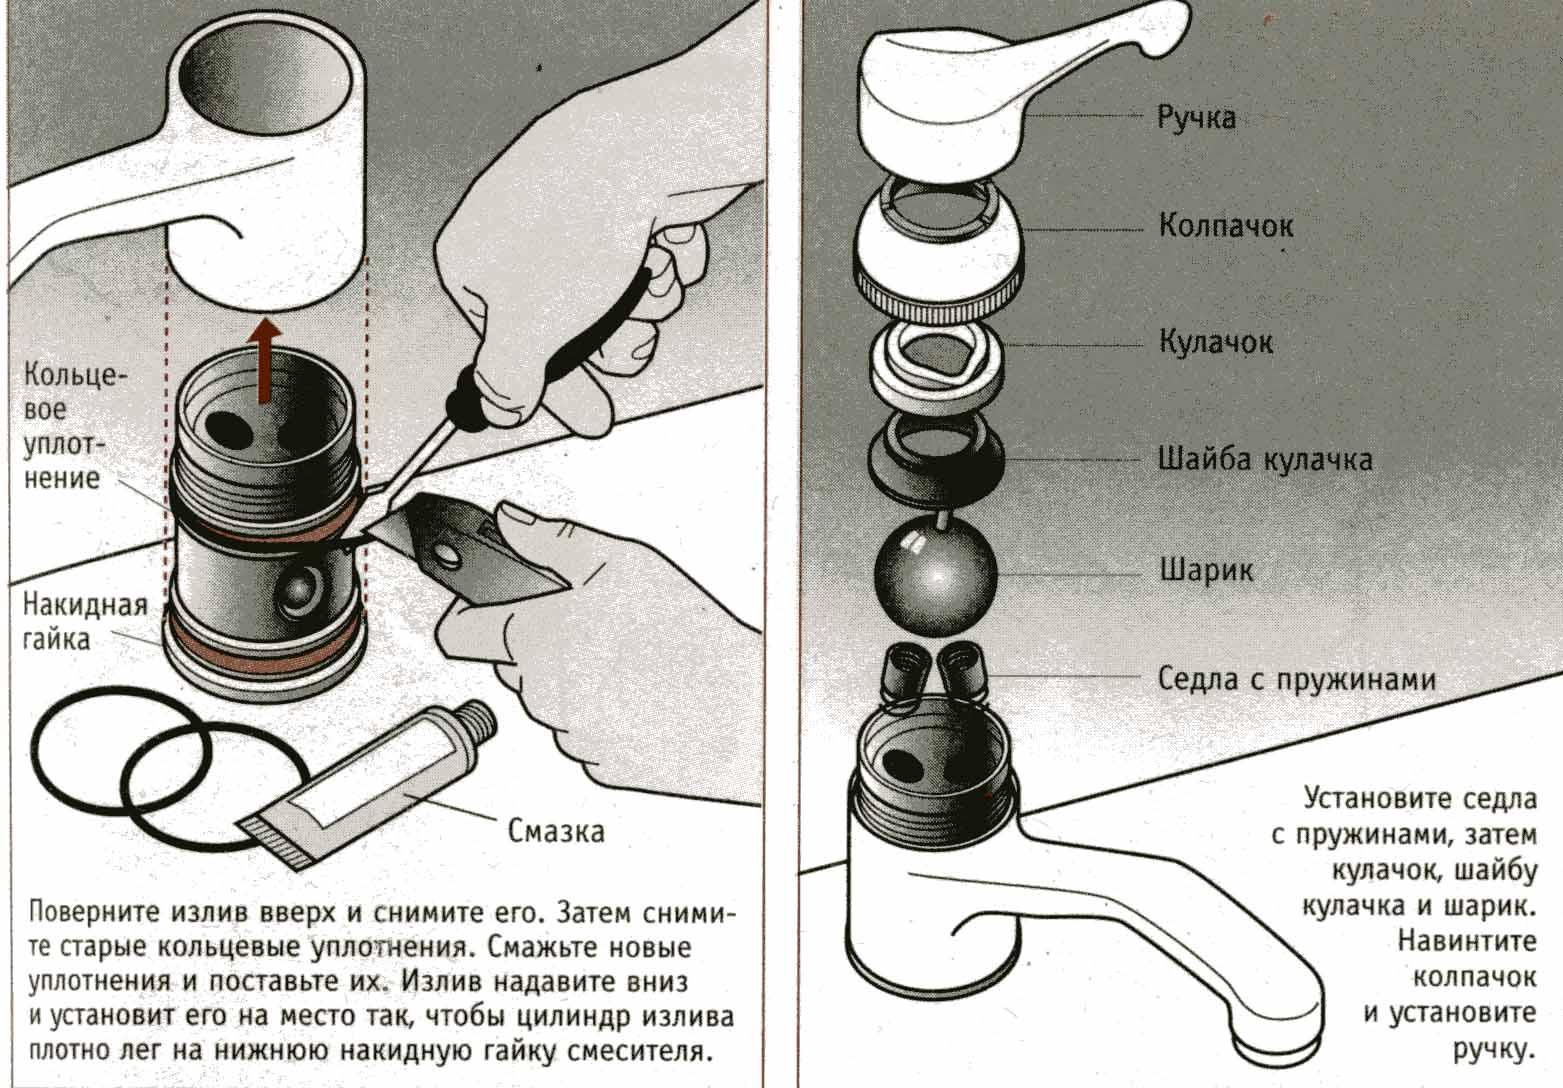 Схема разбора шарового смесителя